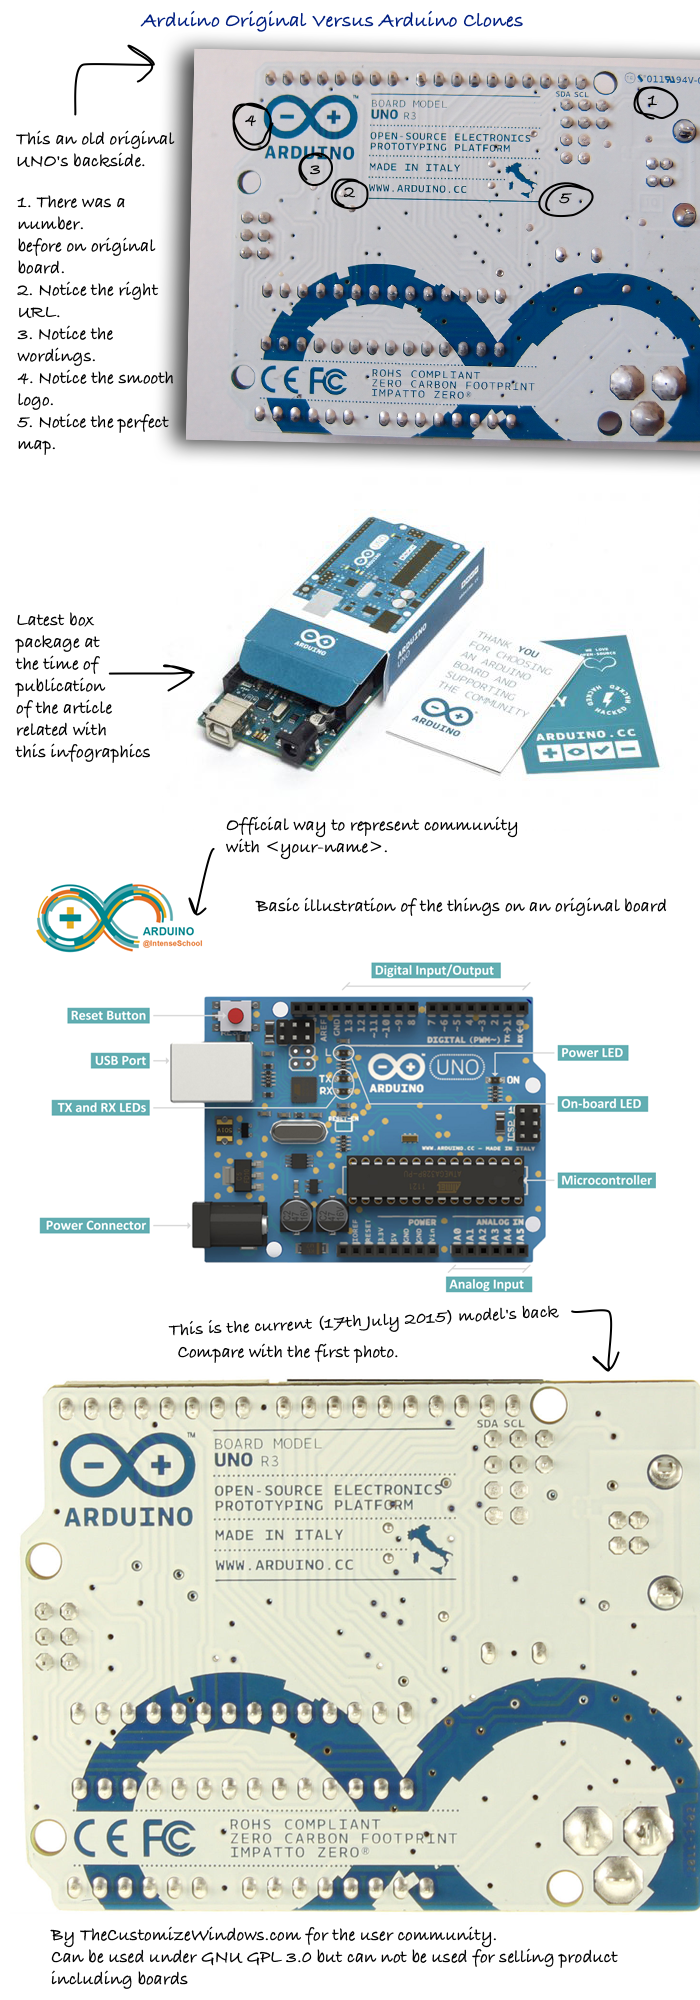 Buying Arduino Original Versus Arduino Clones